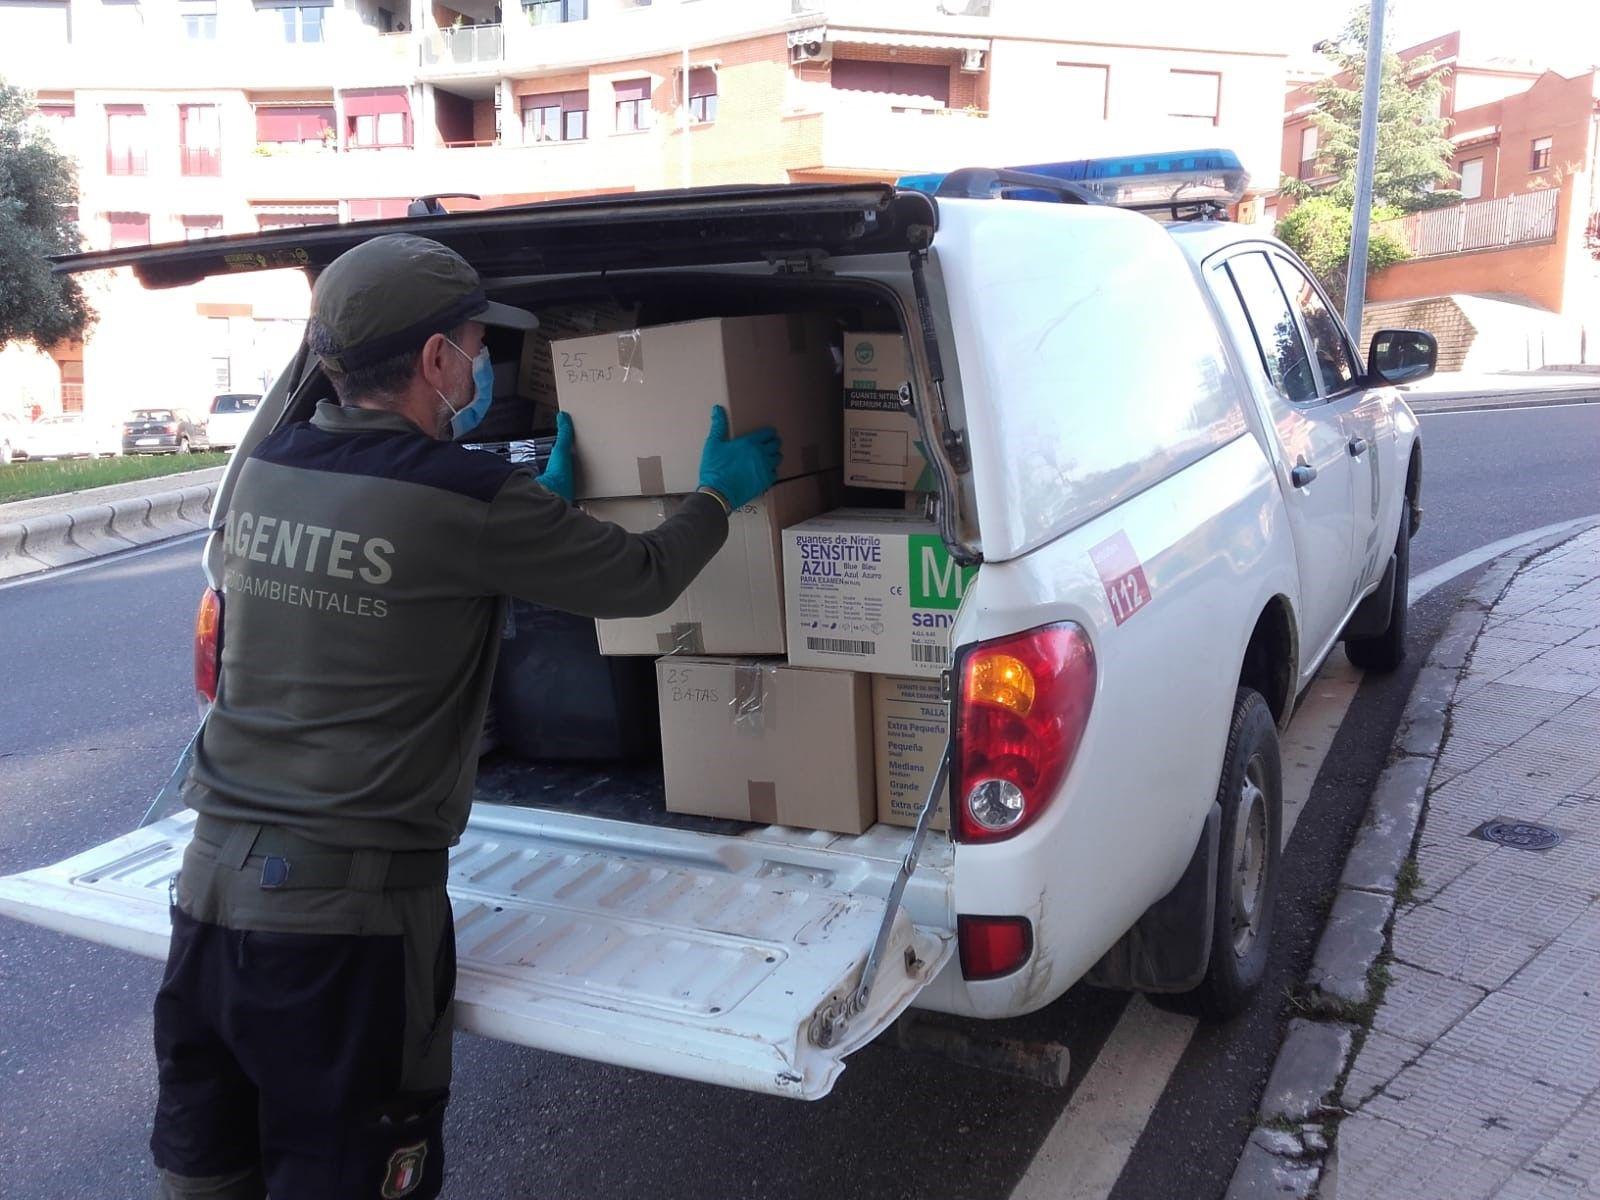 Los agentes medioambientales de la provincia de Toledo han realizado 1.338 actuaciones de apoyo en materia sanitaria en la provincia durante el mes de junio